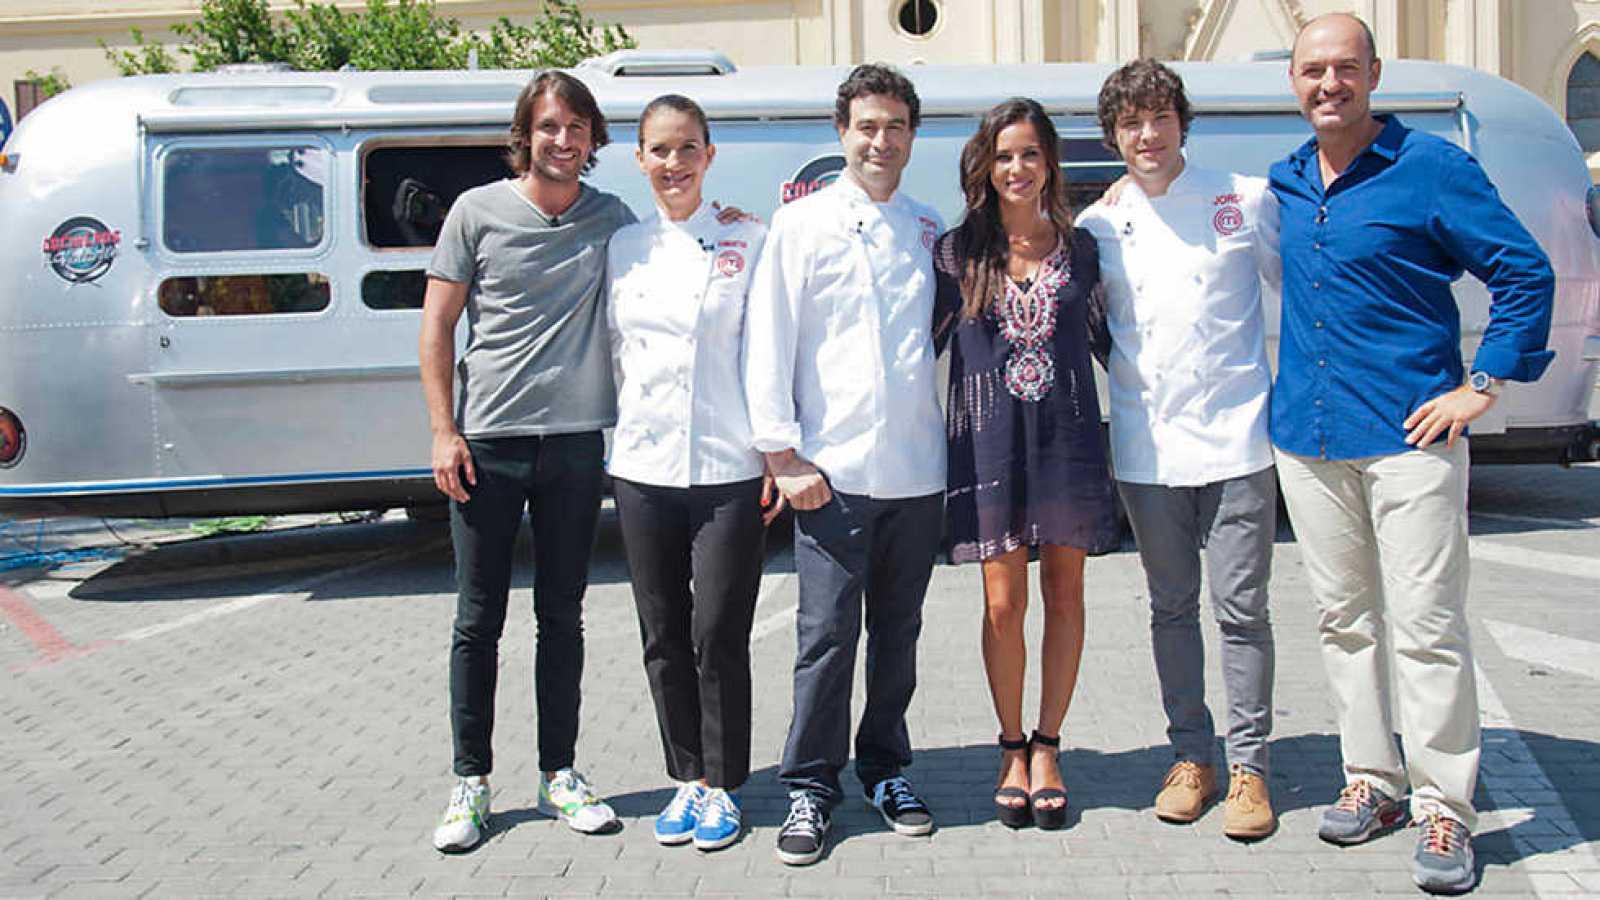 Cocineros al volante - 01/09/15 - ver ahora